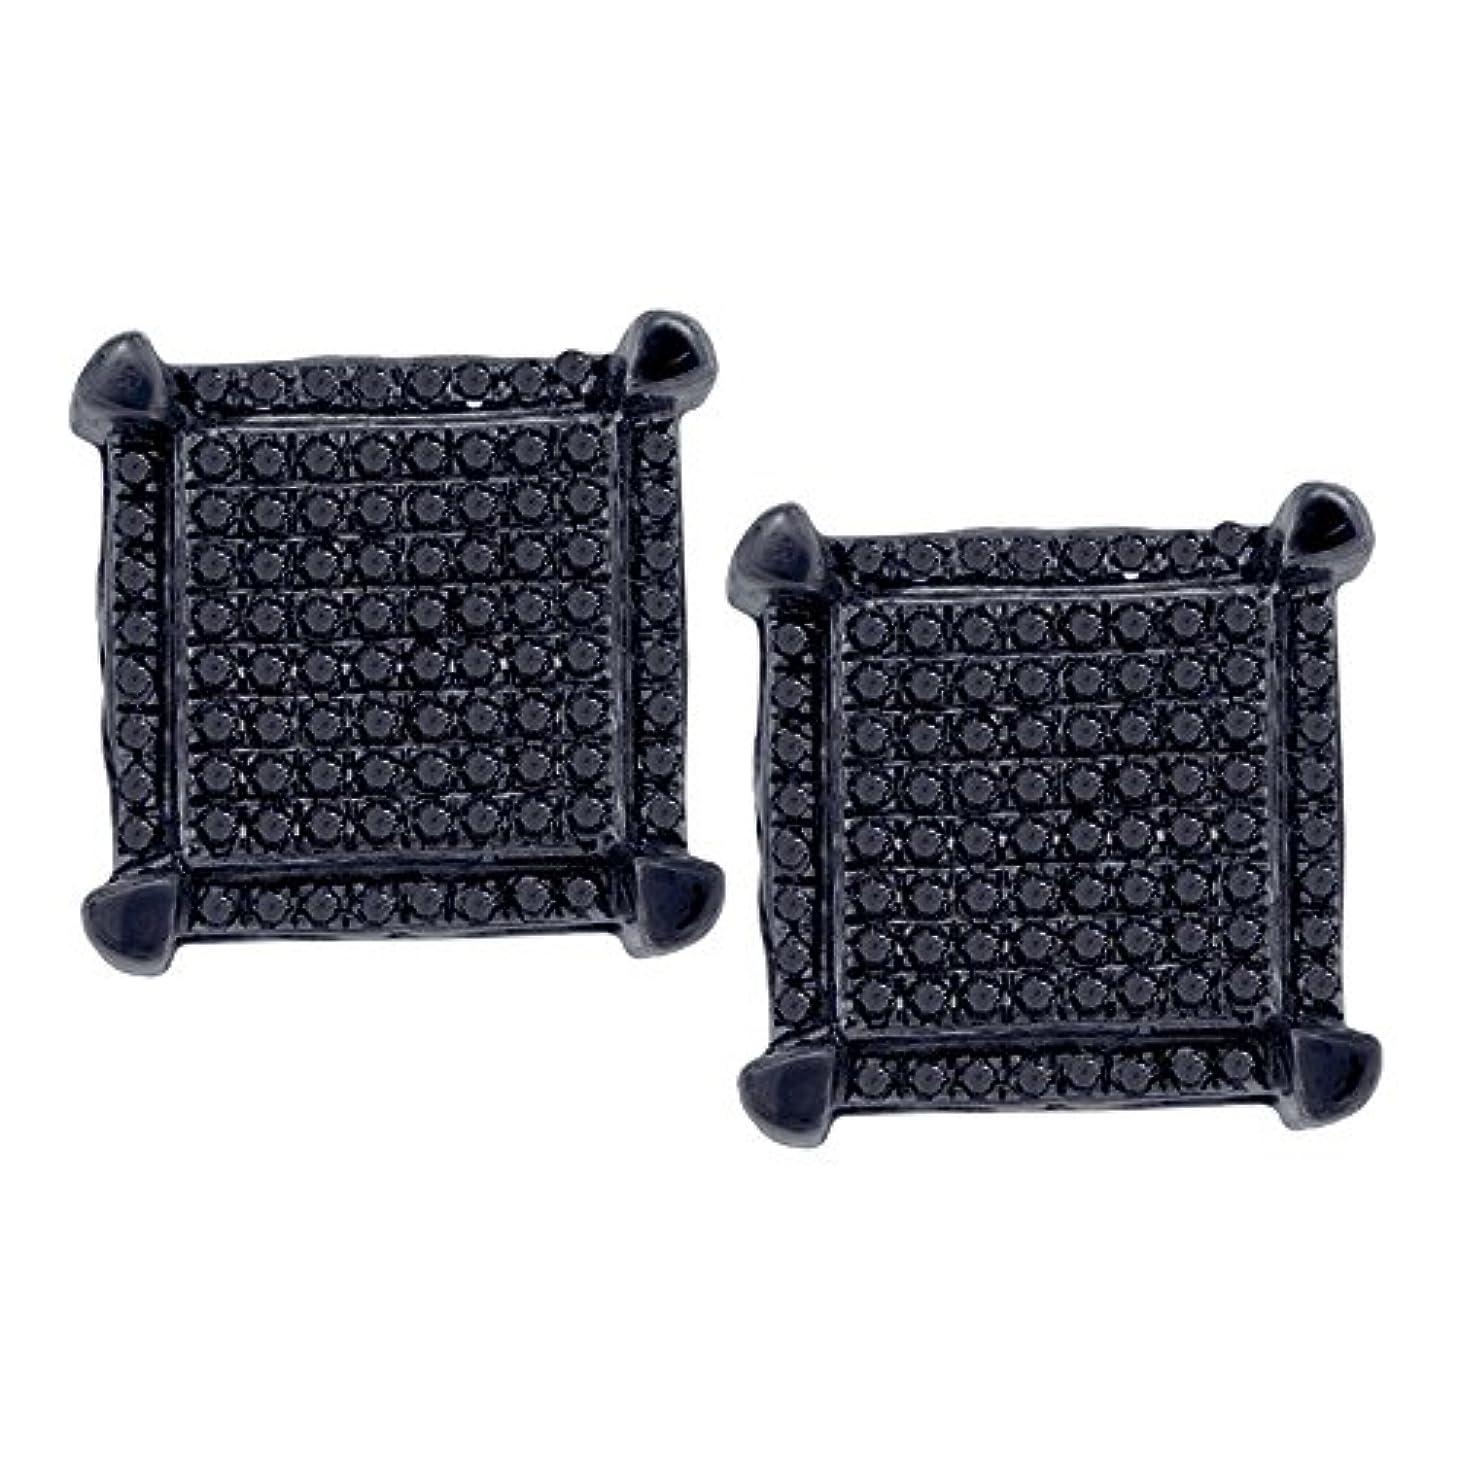 ボックスおとなしいラリーベルモント10kt ホワイトゴールド メンズ ラウンド ブラックカラー 強化ダイヤモンド スクエア クラスター ピアス 1/3カラット